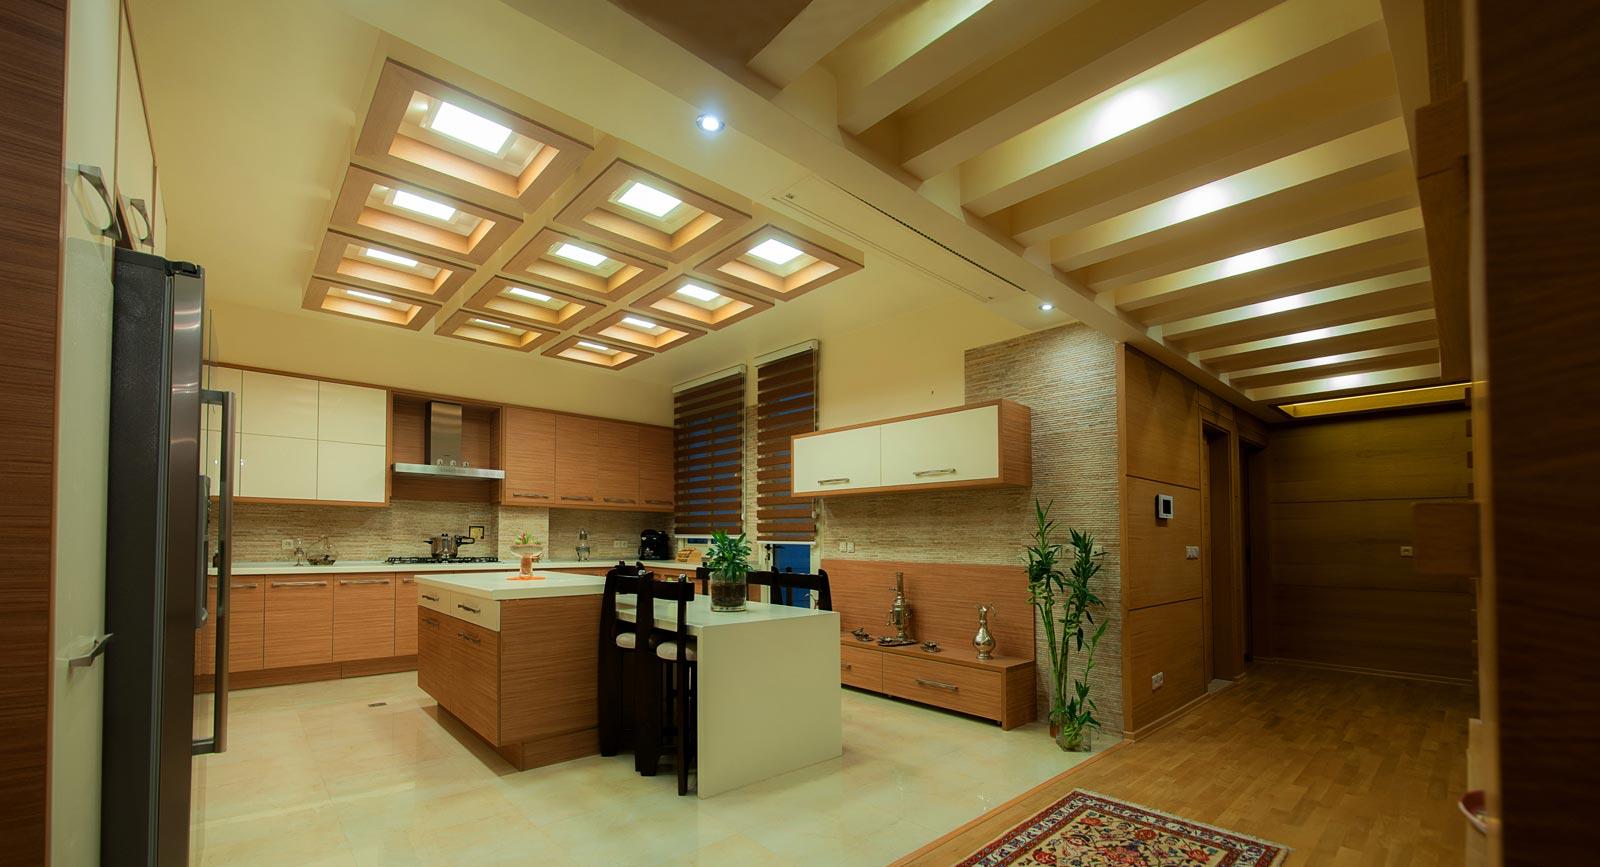 طراحی داخلی خانه ریاضیات